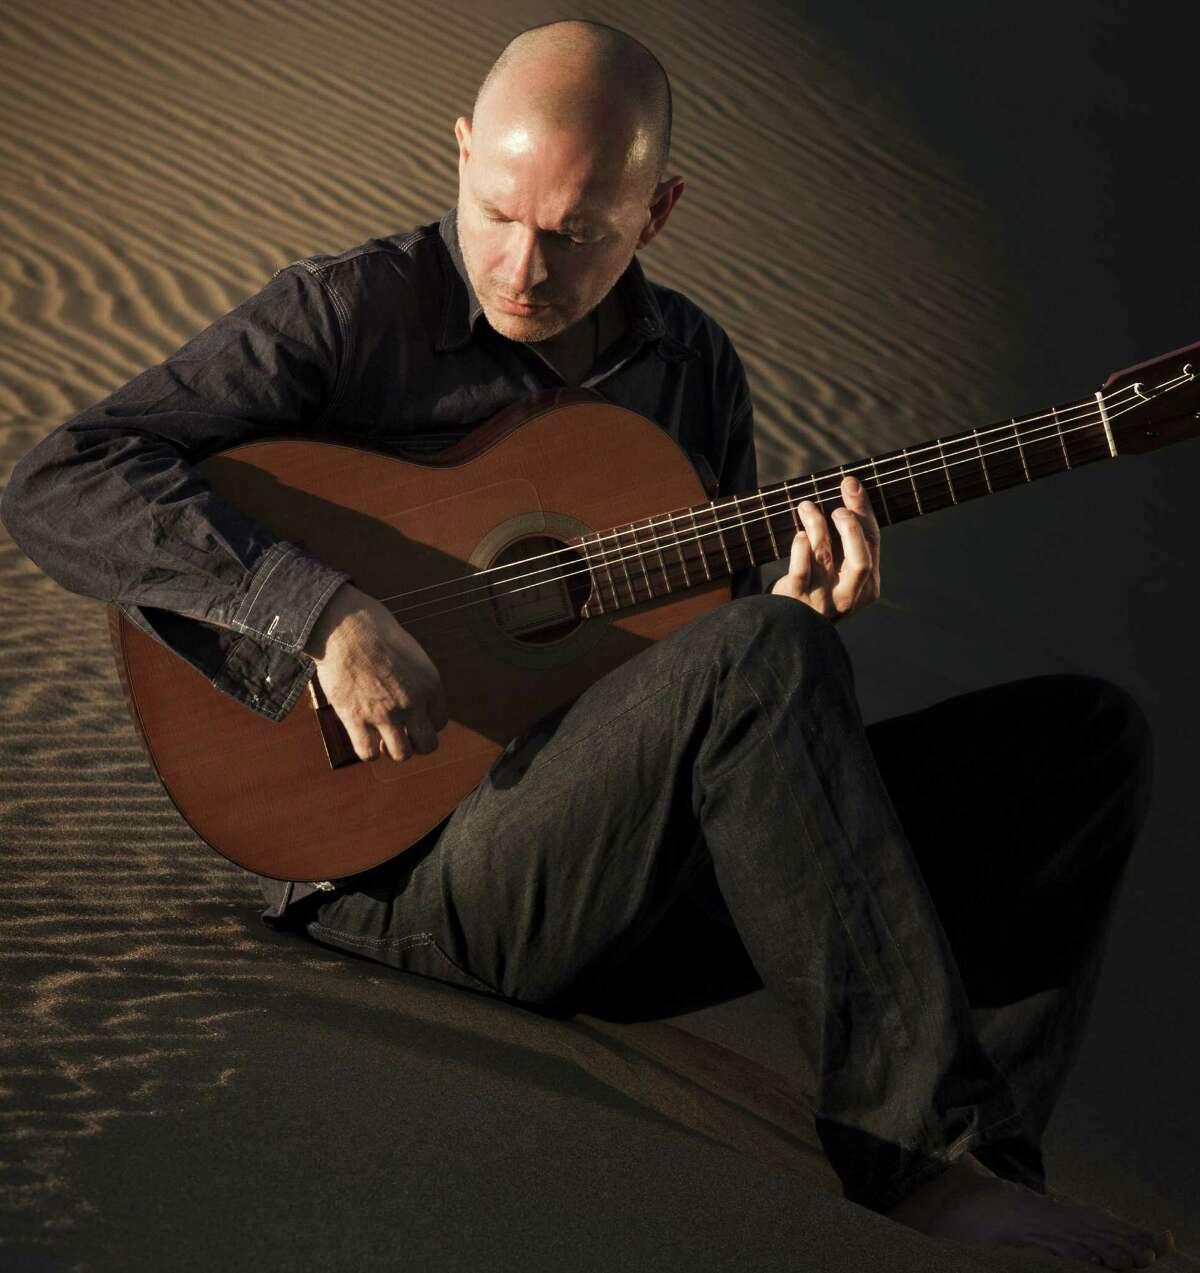 Guitarist Ottmar Liebert